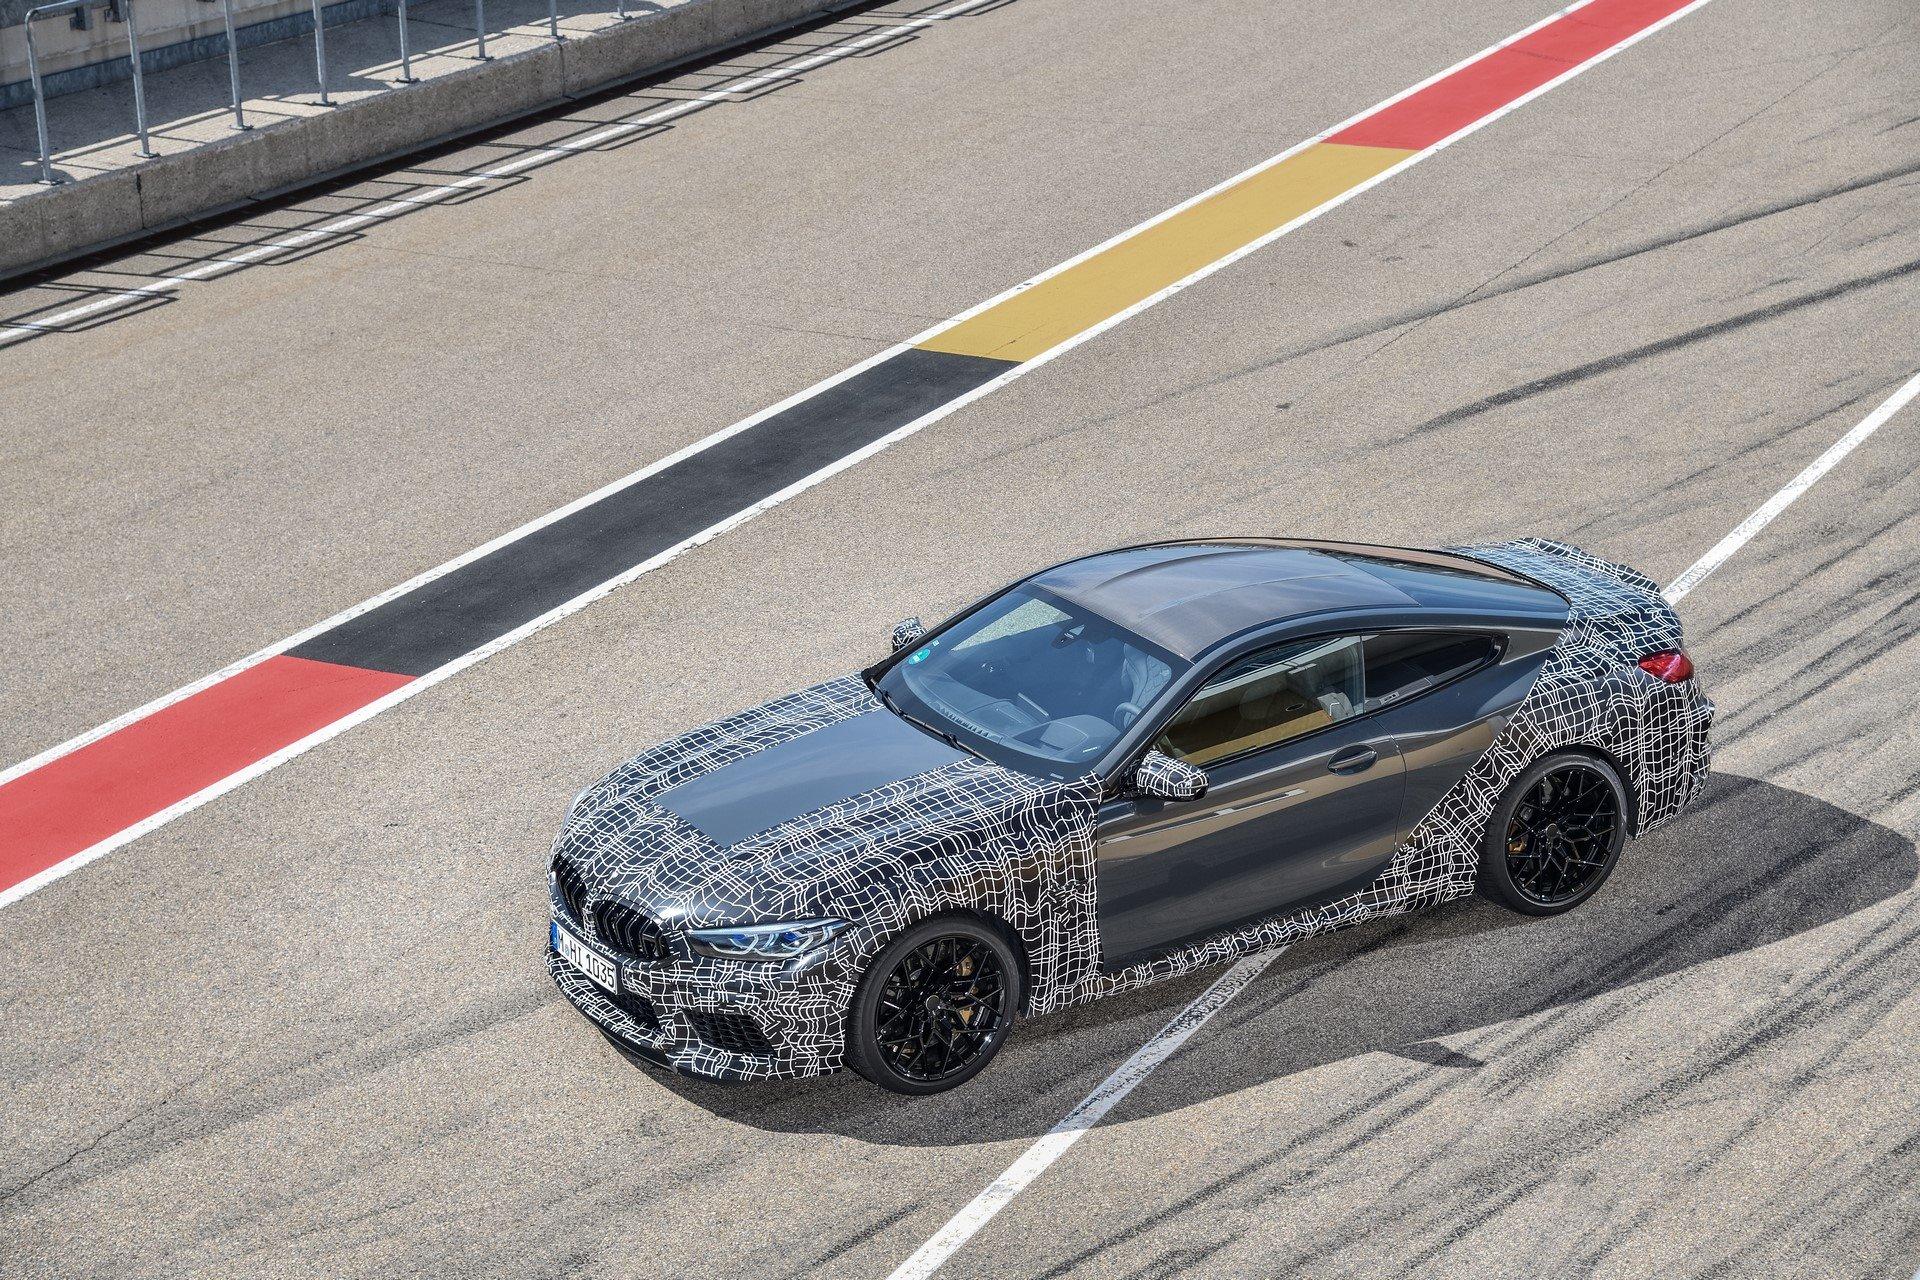 BMW-M8-spy-photos-10